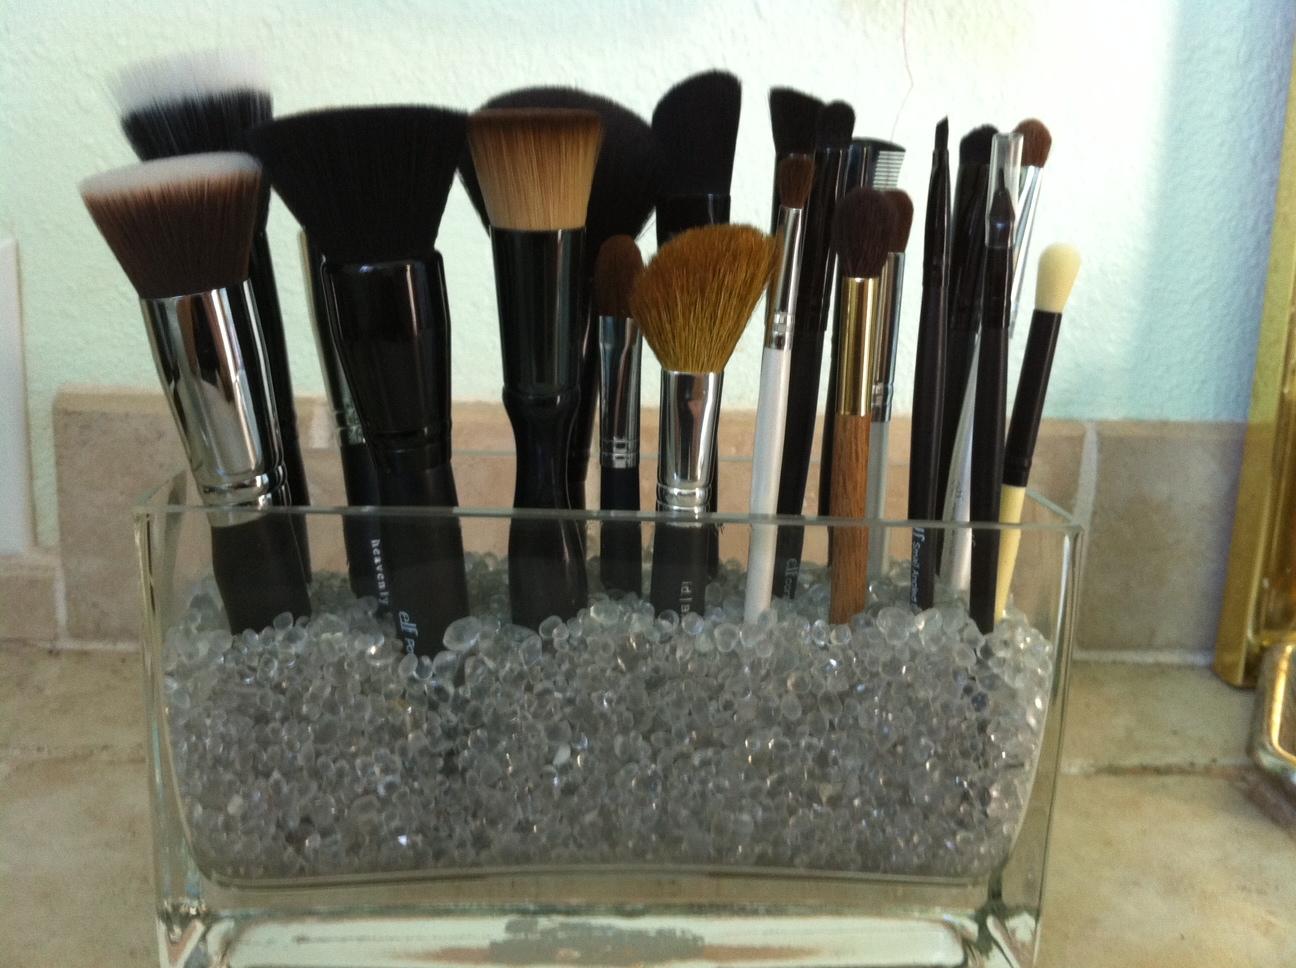 DENISE JOYCE: DIY Wednesday: Make Your Own Brush Holder